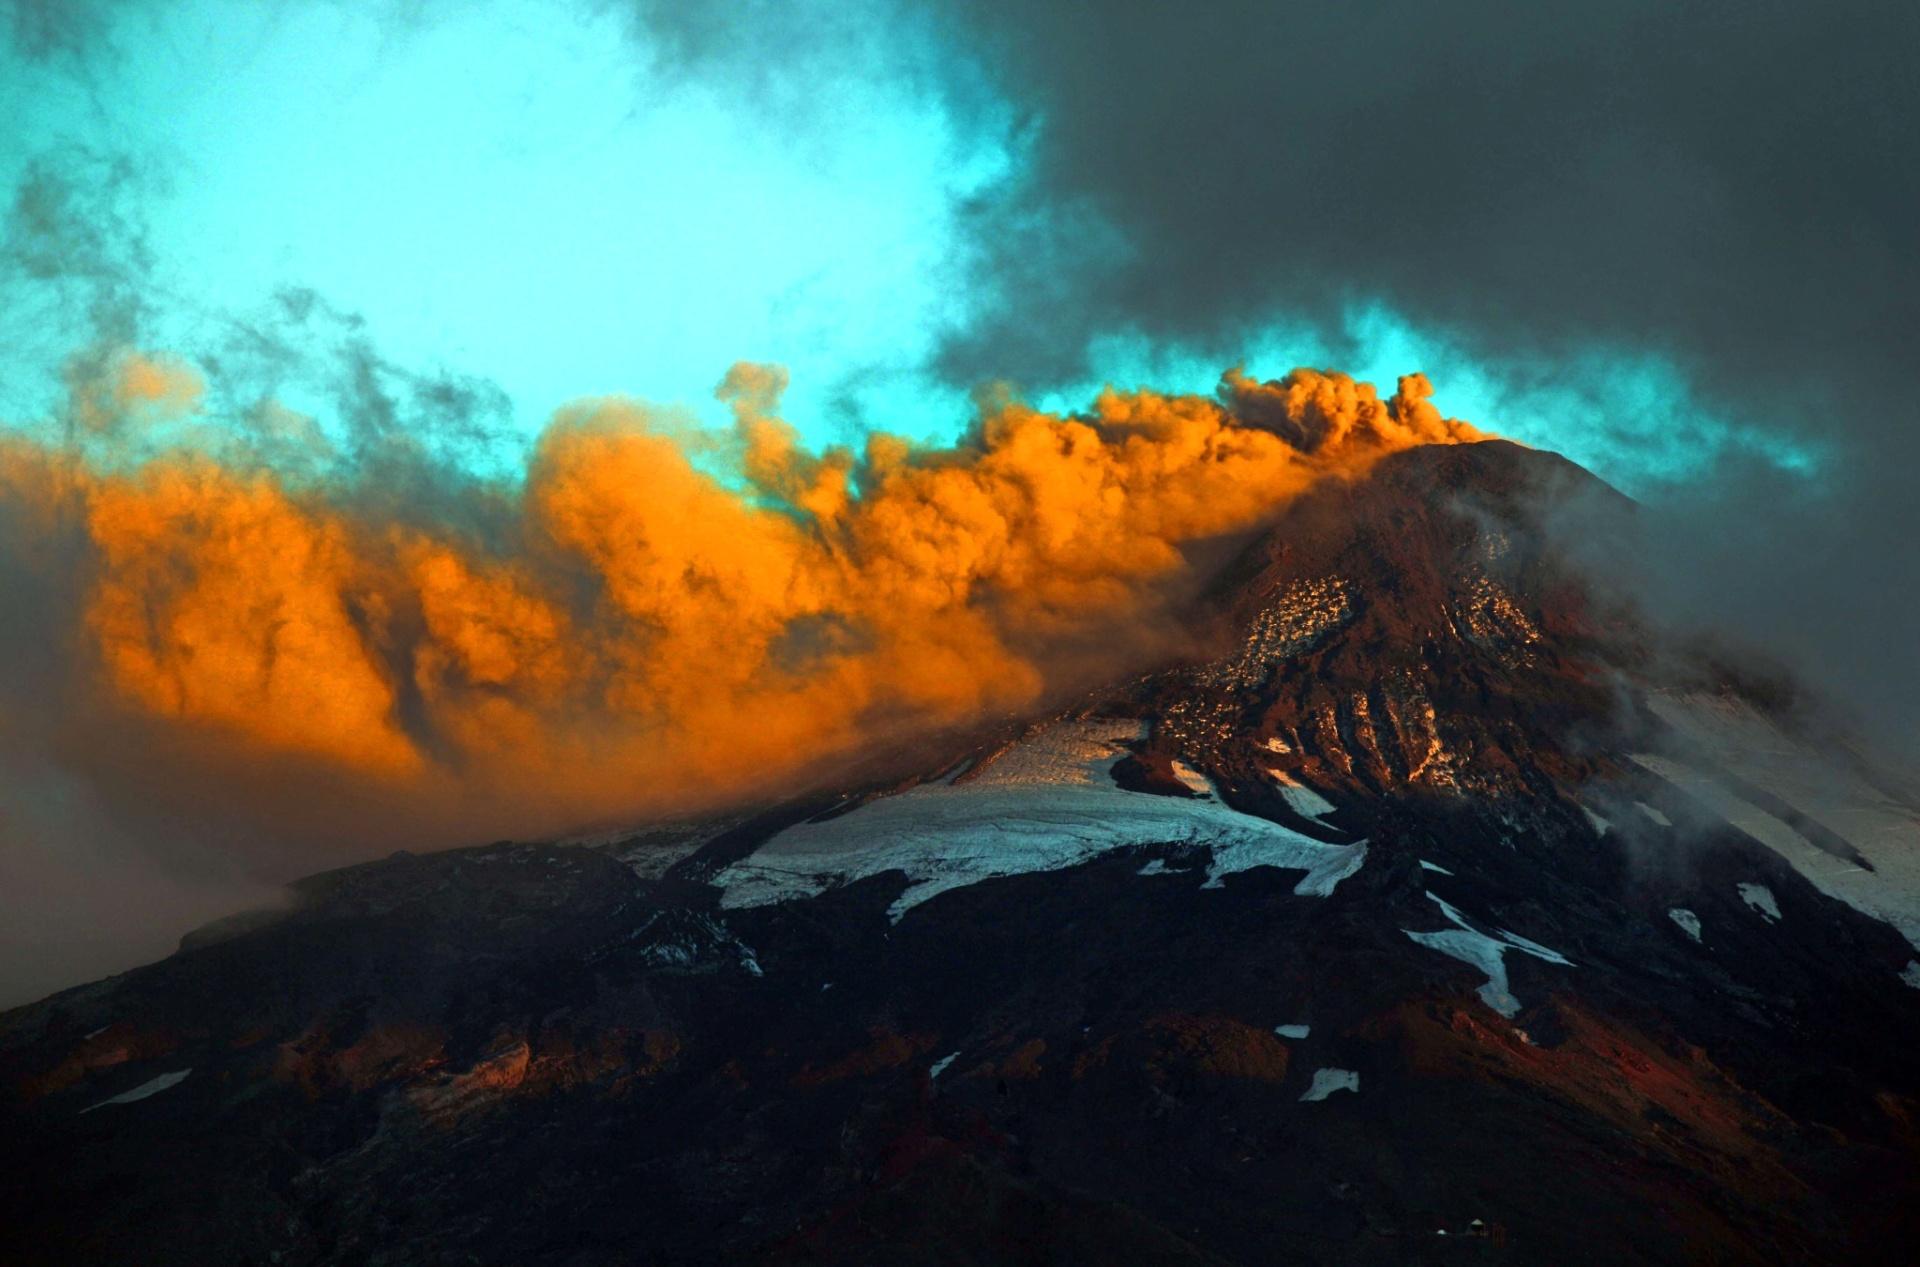 29.mar.2015 - Vulcão Villarrica, em Pucon, no Chile, libera fumaça neste domingo (29). Parte do sul do país está em alerta por causa do aumento da atividade do vulcão, semanas depois ele ter entrado em erupção e forçado milhares de pessoas a evacuarem a região